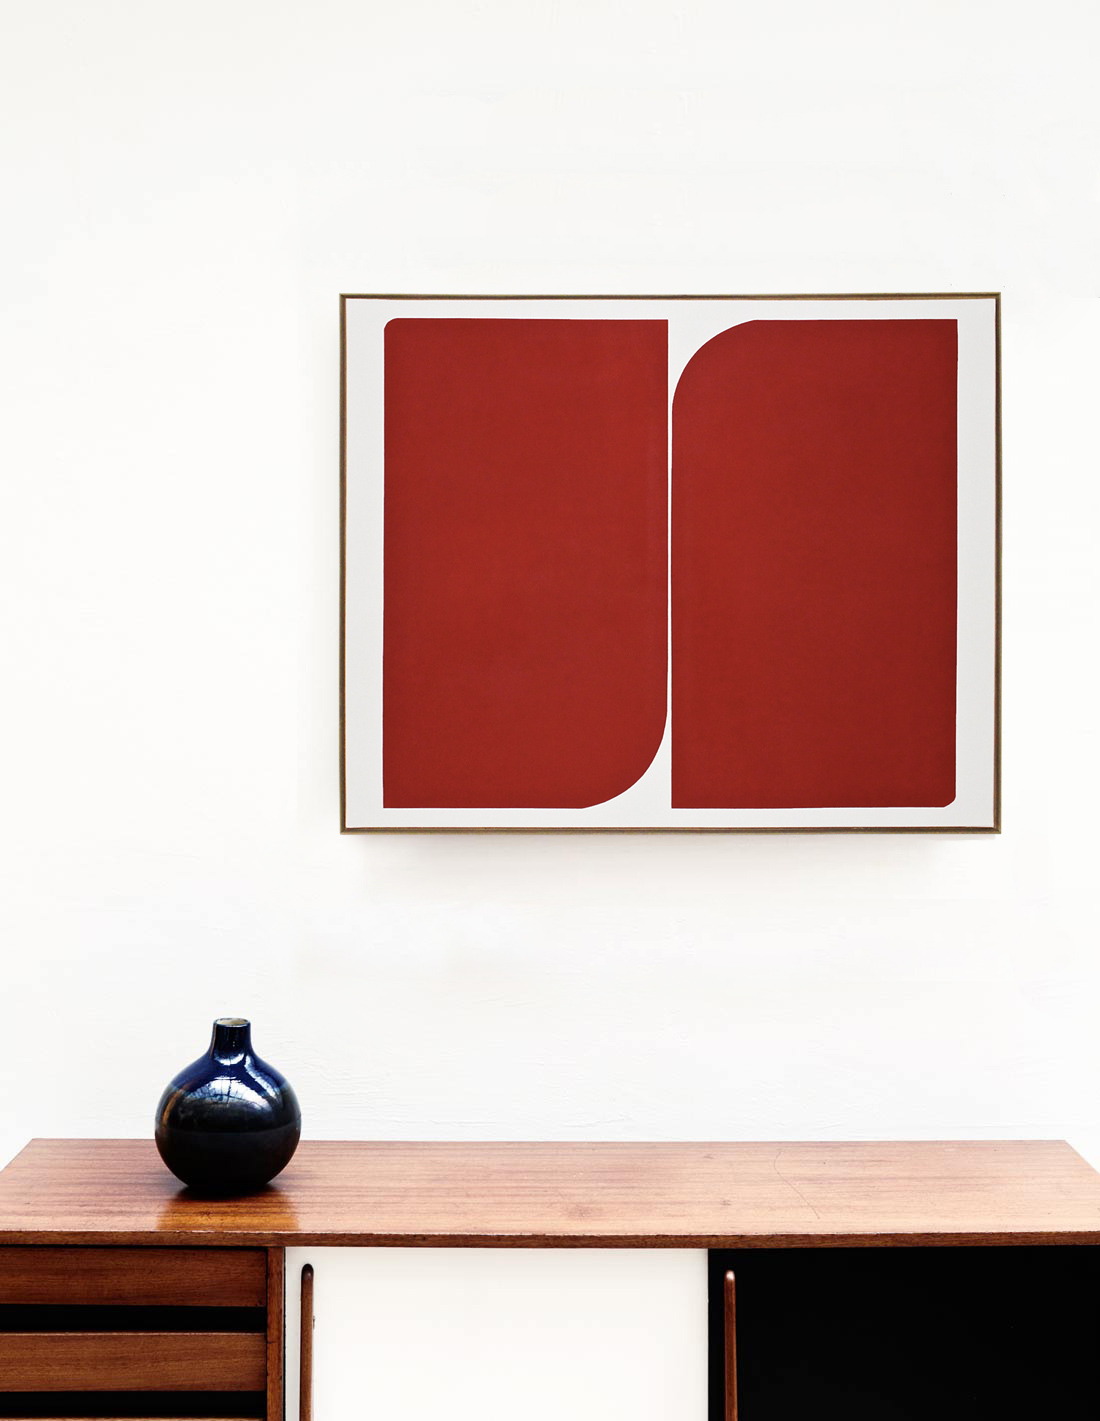 Tableau - Audrey Noël - Sans titre (formes rouges)